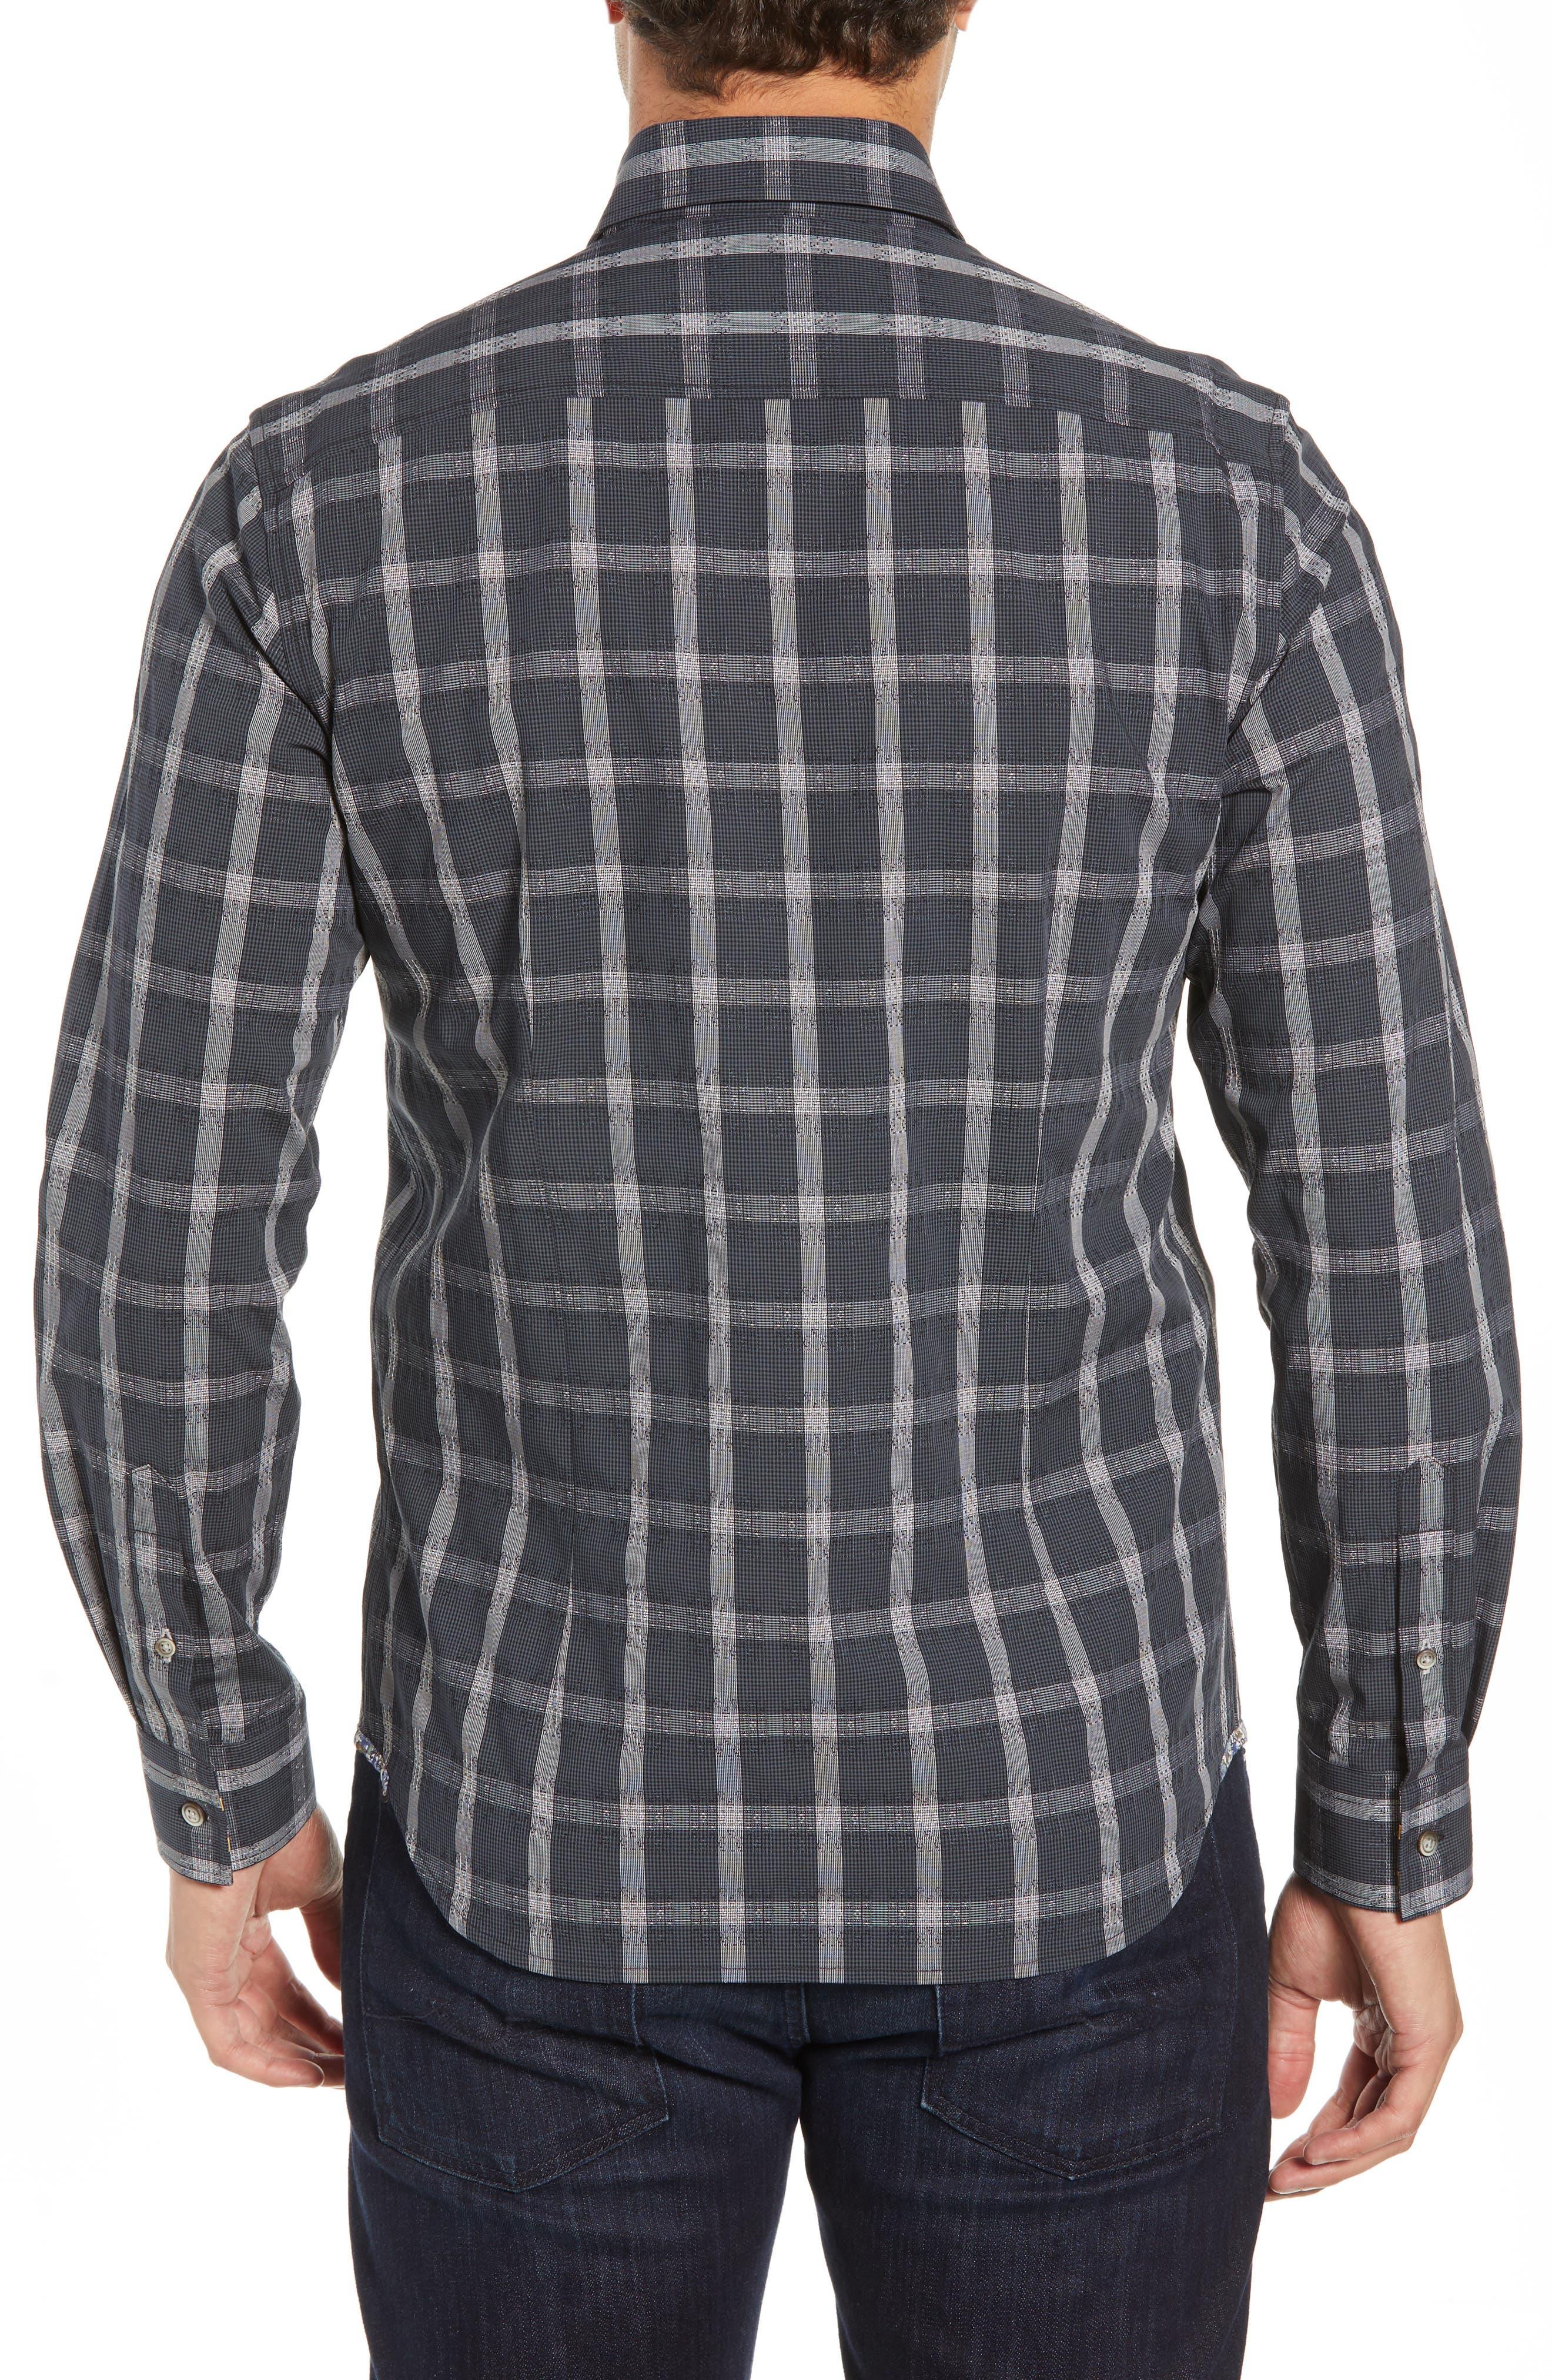 Jenson Tailored Fit Sport Shirt,                             Alternate thumbnail 3, color,                             BLACK